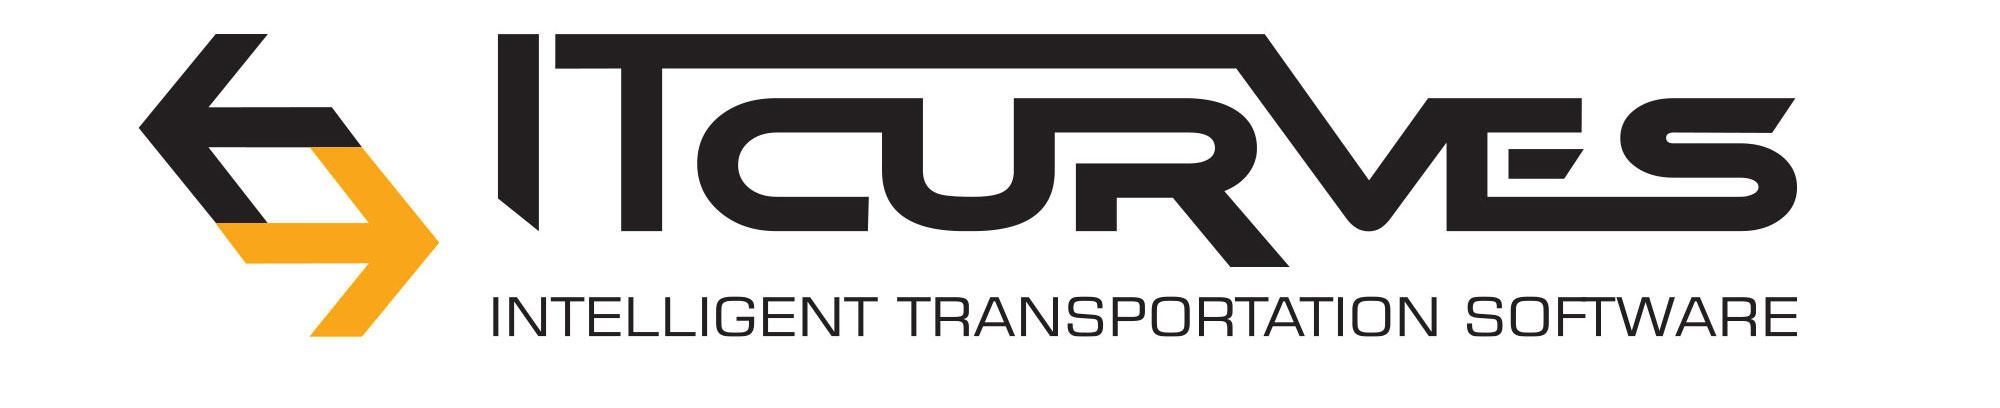 IT Curves Logo